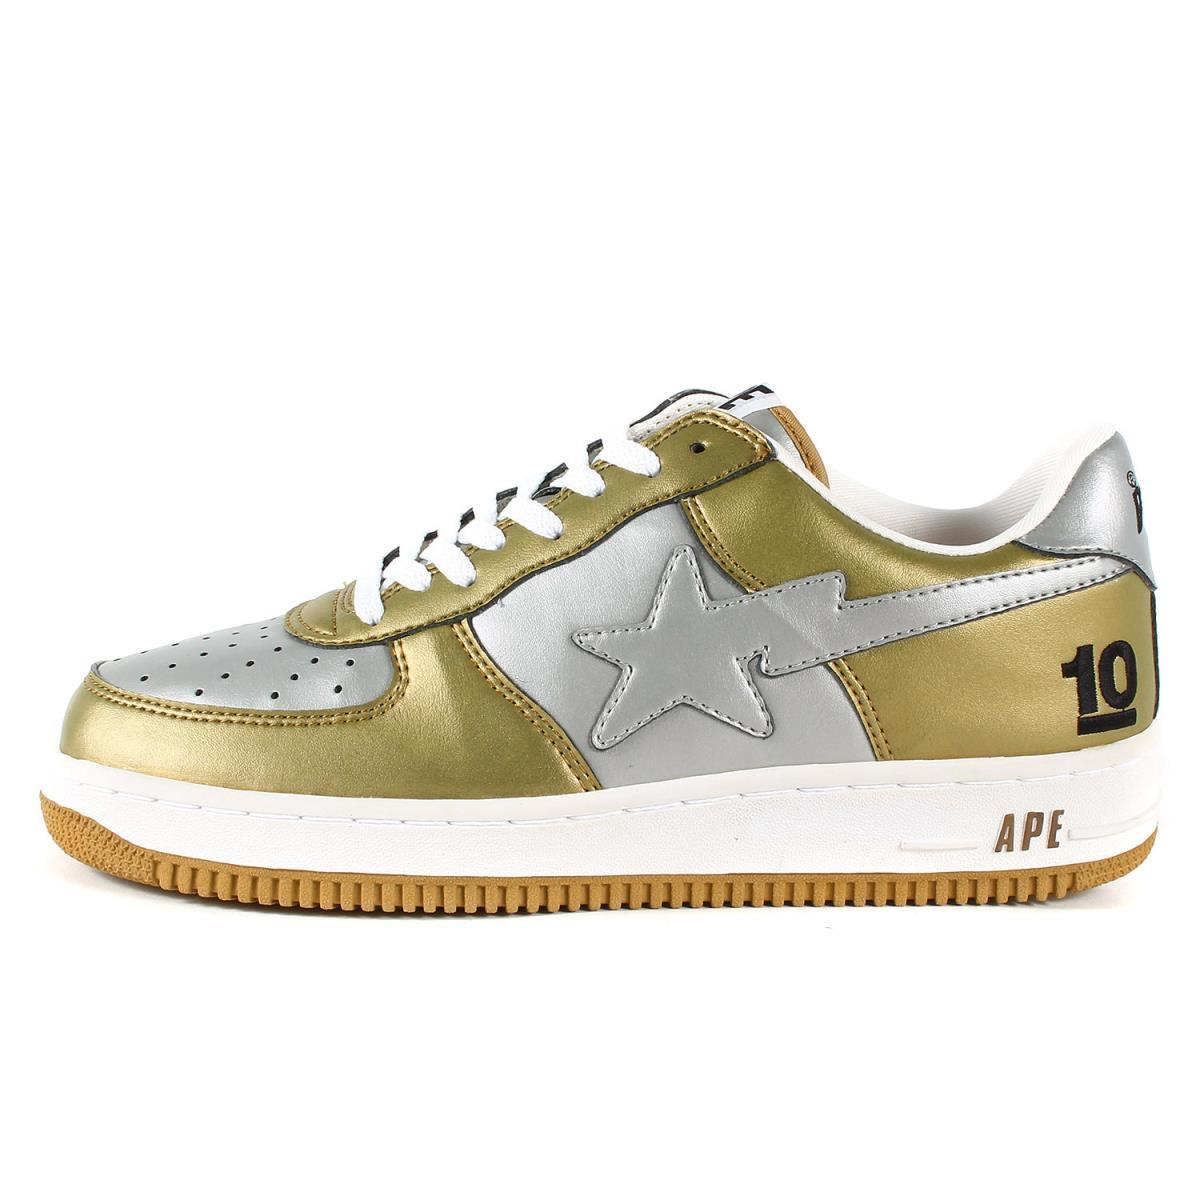 メンズ靴, スニーカー APE NOWHERE 10 BAPESTA 00s US10.5 28.5cm K2724